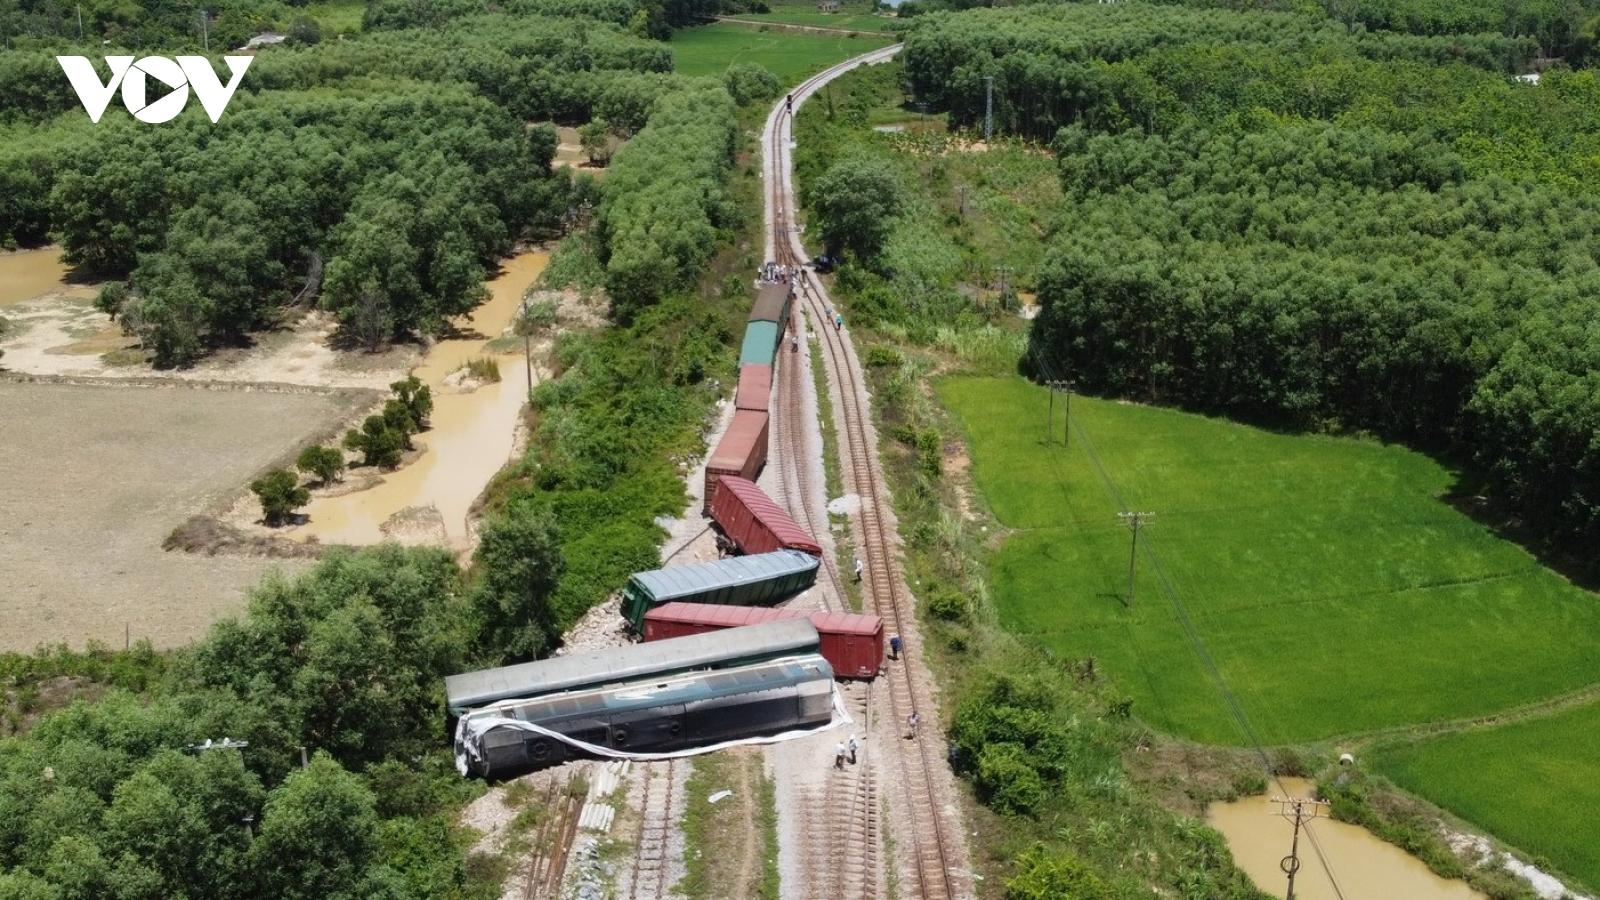 Huy động cần cẩu 100 tấn để cẩu đầu máy tàu trật bánh, thông tuyến đường sắt Bắc Nam